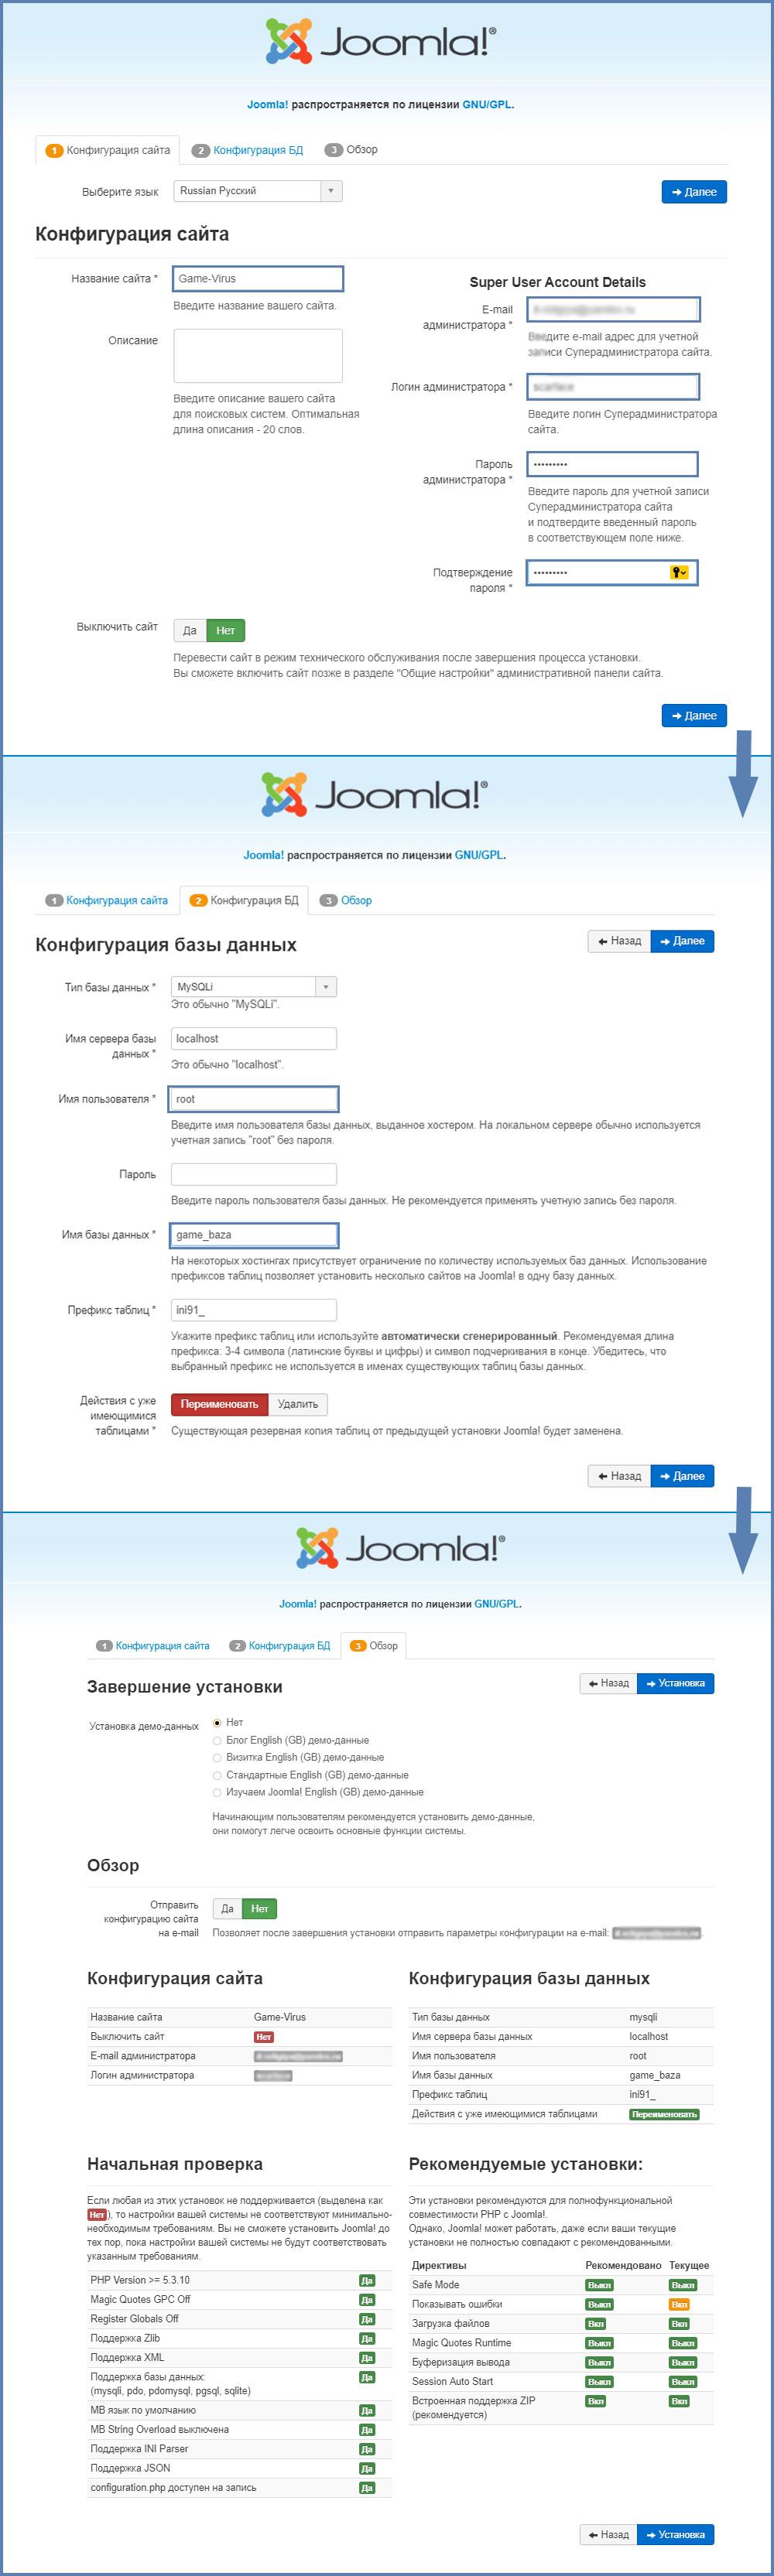 Как установить Joomla